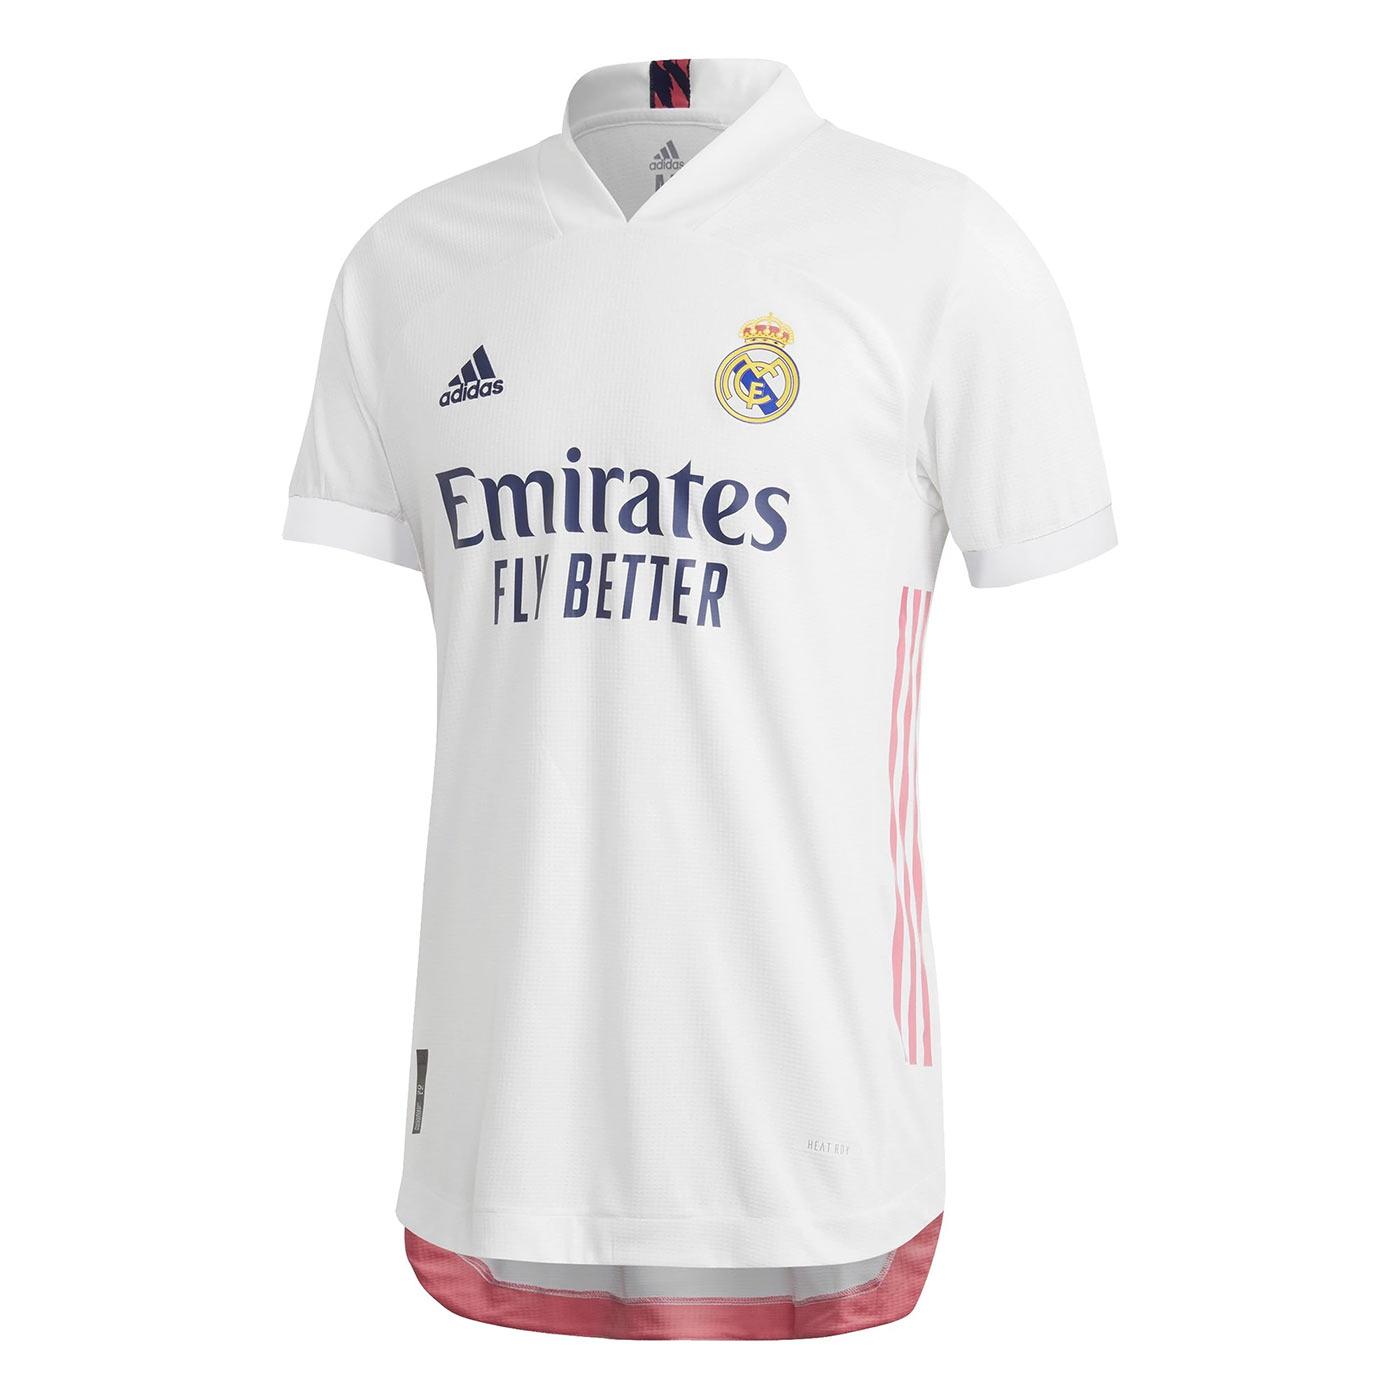 Maglia Real Madrid 2020-2021, che novità il rosa per i dettagli!